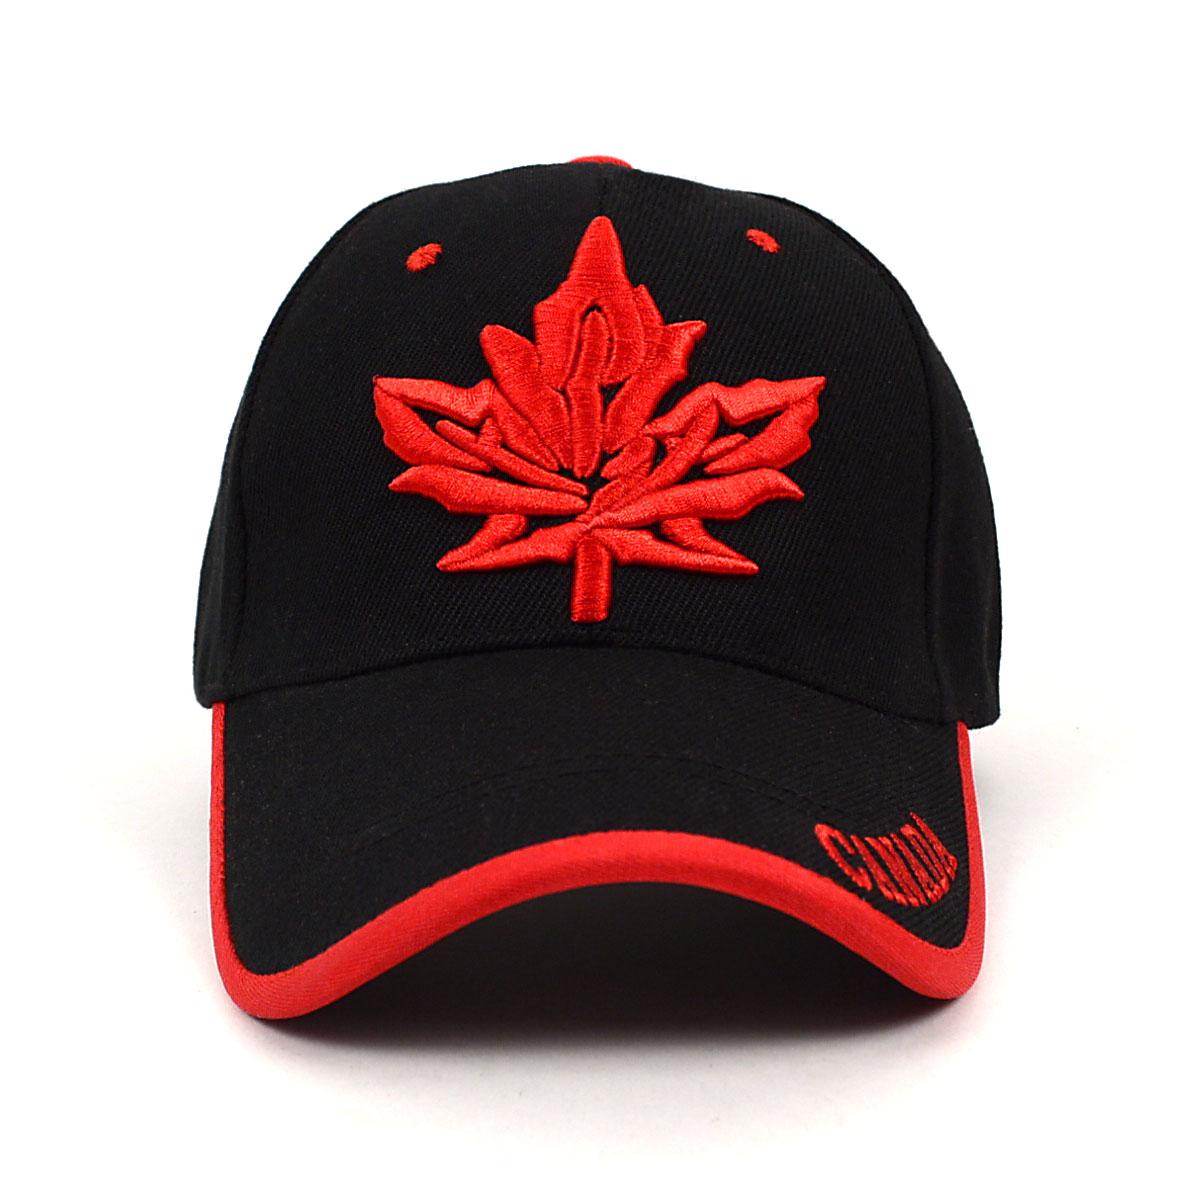 b5de0825bdccf Canada Leaf Black   Red 3D Embroidered Baseball Cap